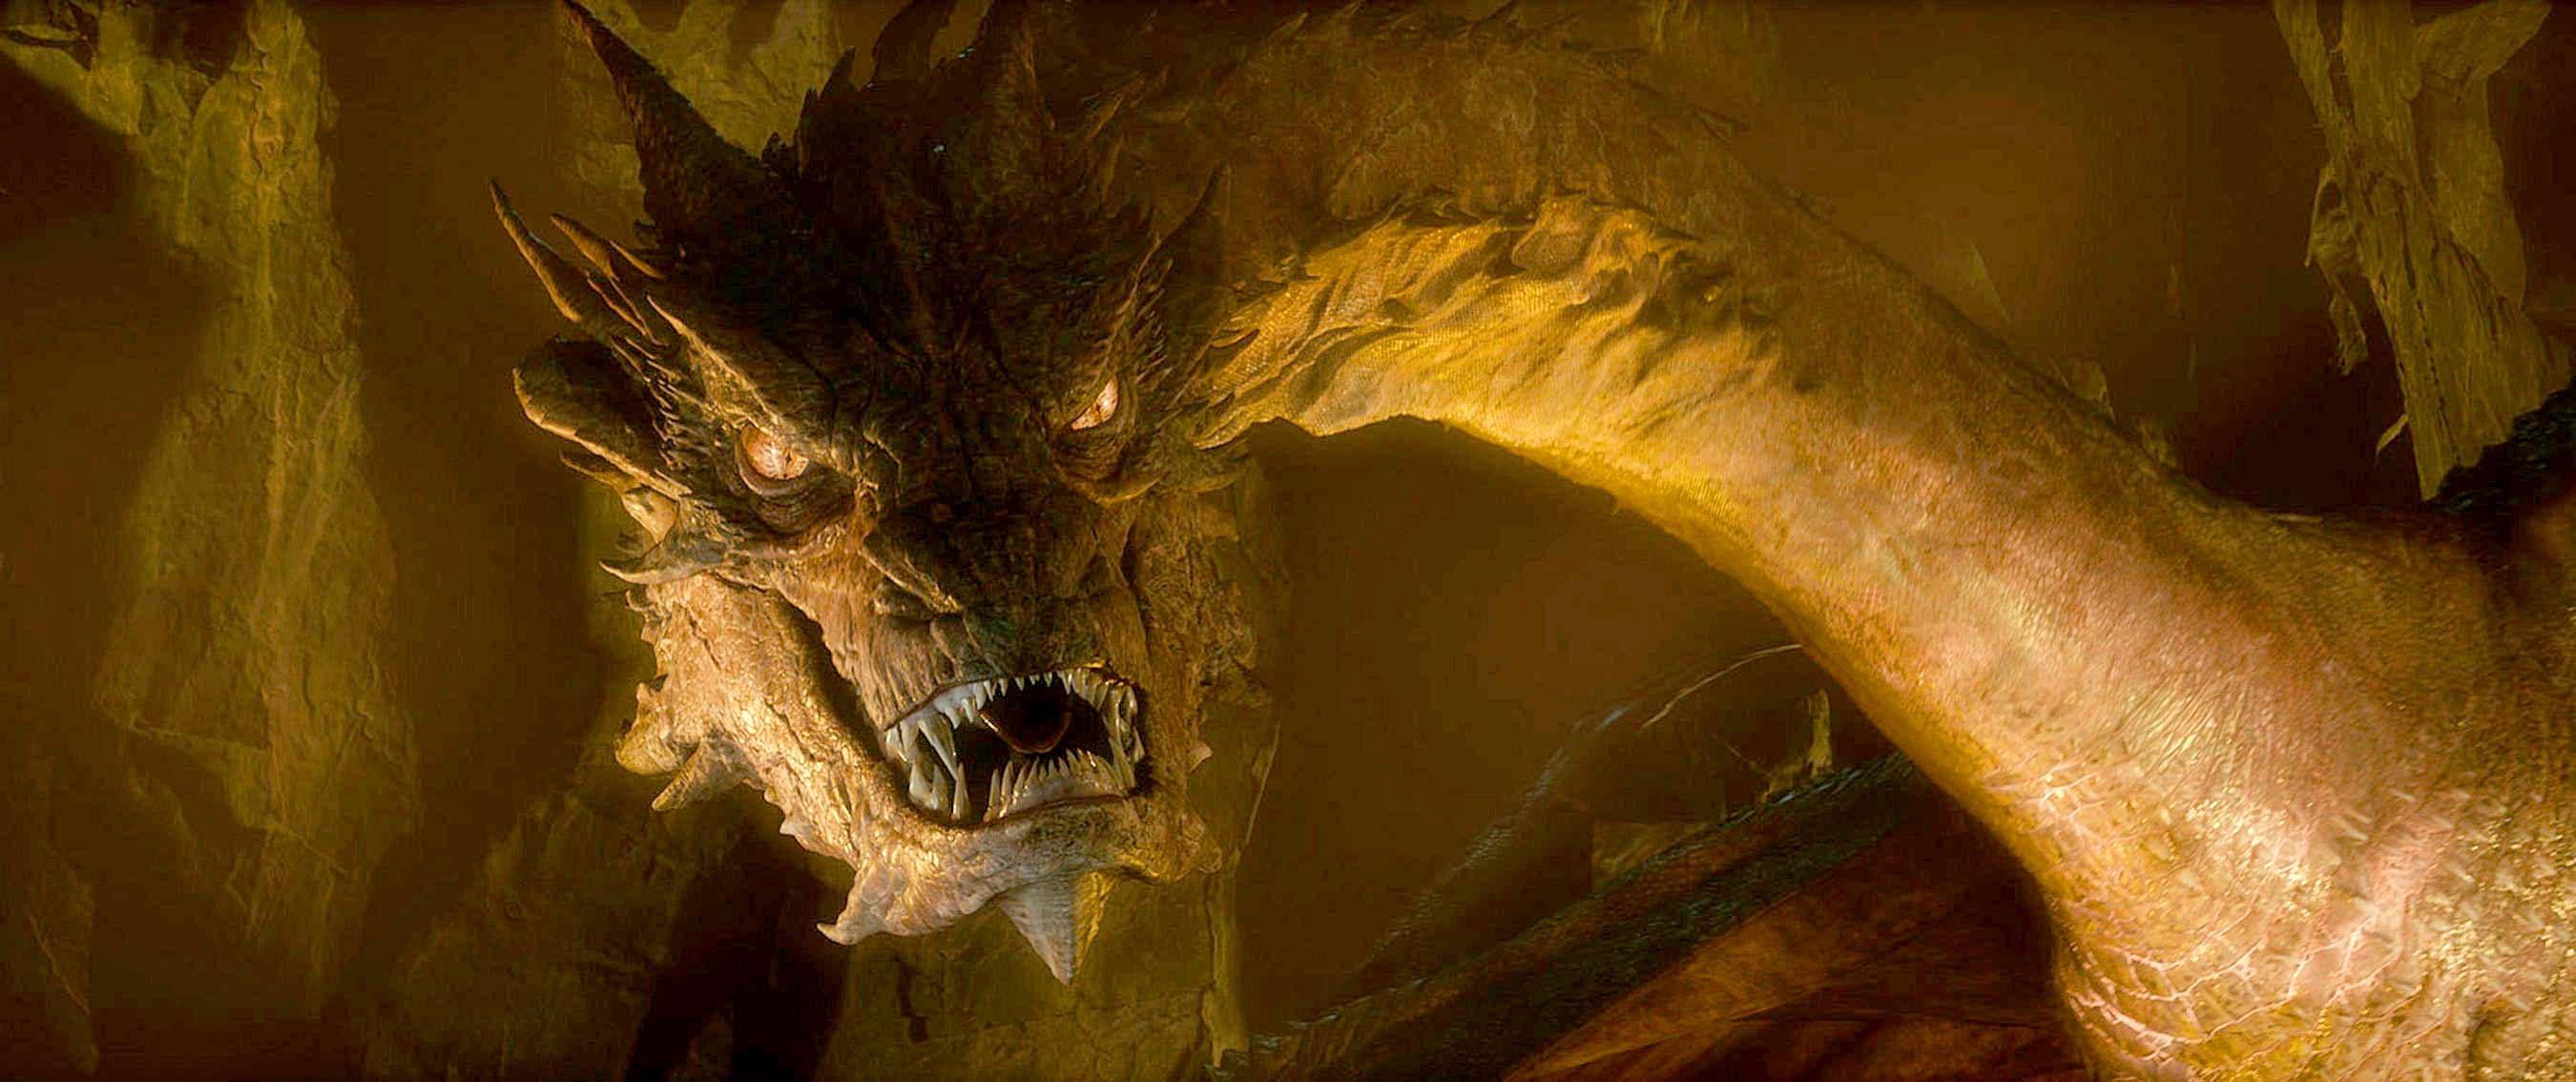 9 formas mirabolantes de matar um dragão, segundo a mitologia